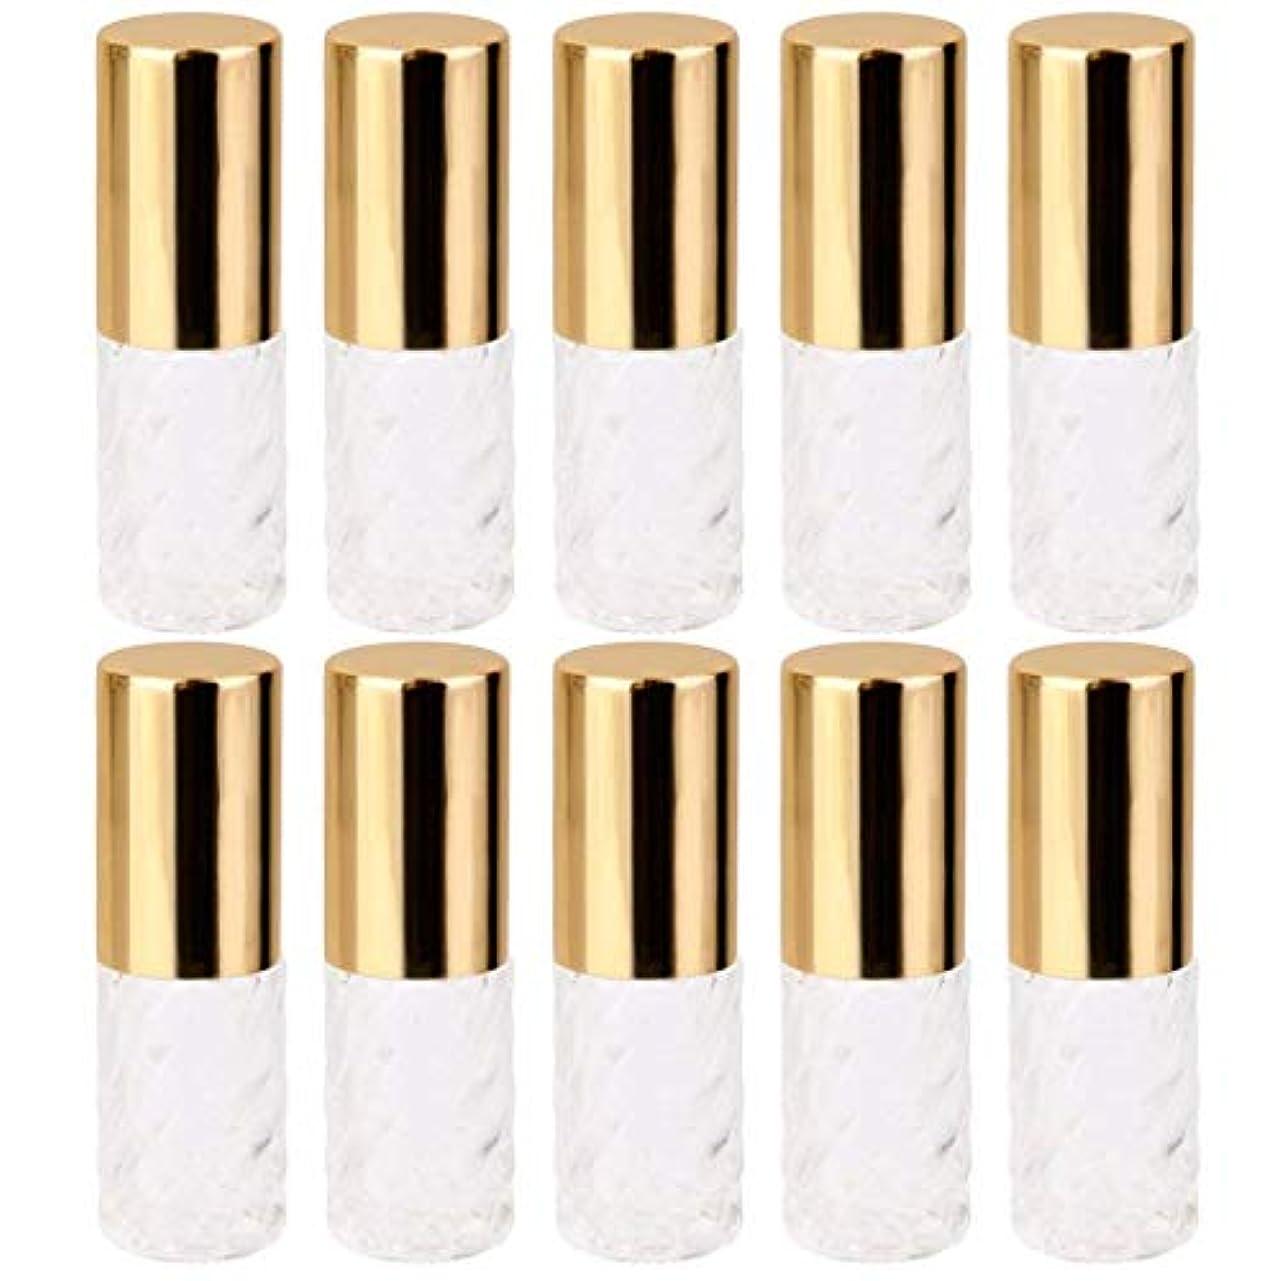 毒液支配的わかる10個 5ml 透明 交換 旅行 空 ロールオン ガラス 香水瓶 容器 コスメ 詰替え 便利